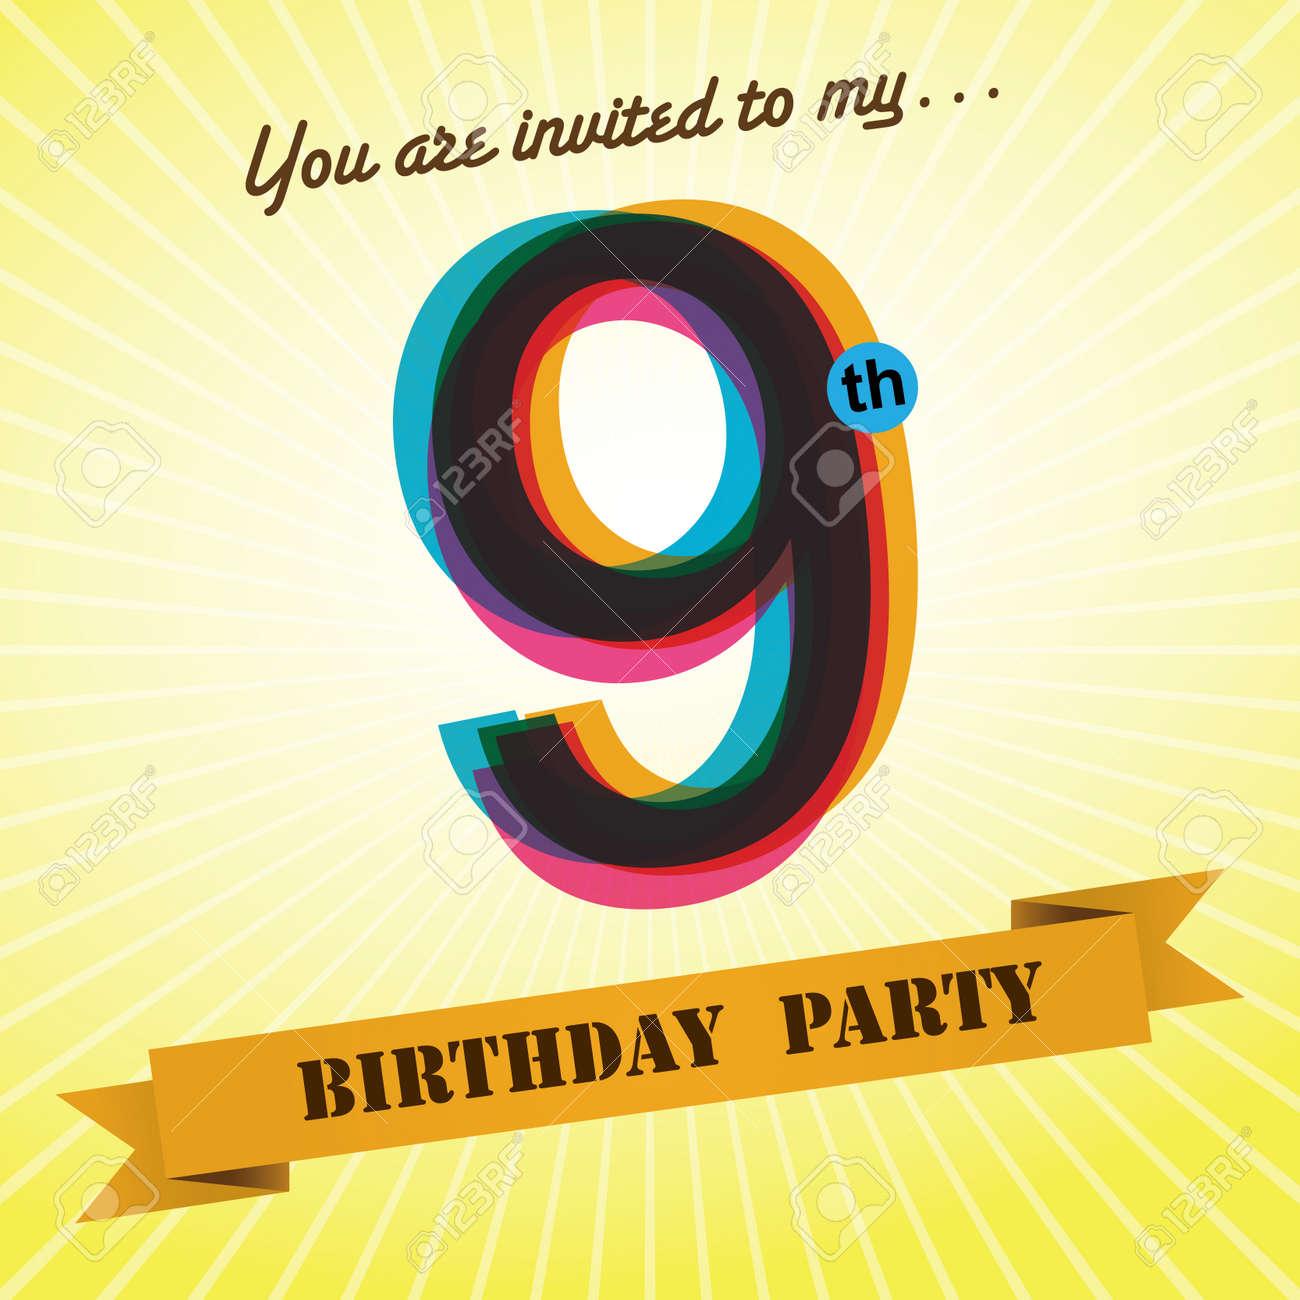 9th Birthday Party Invite Template Design Retro Style